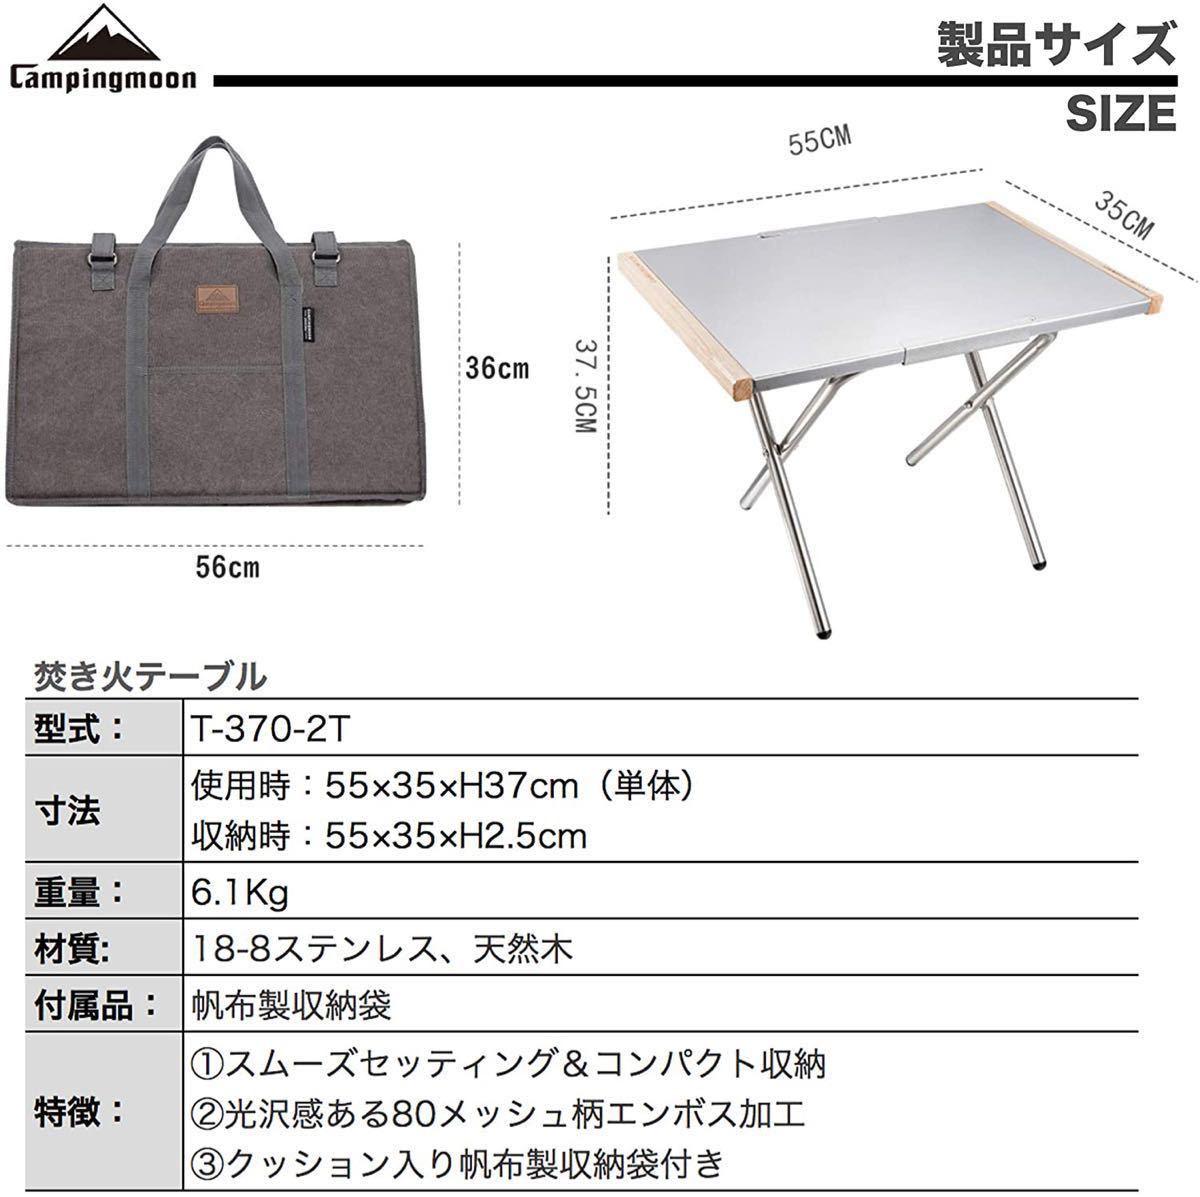 ★CAMPING MOON★キャンピングムーン★ステンレストップセット★焚火テーブルセット★収納BAG付★T-370-2T★